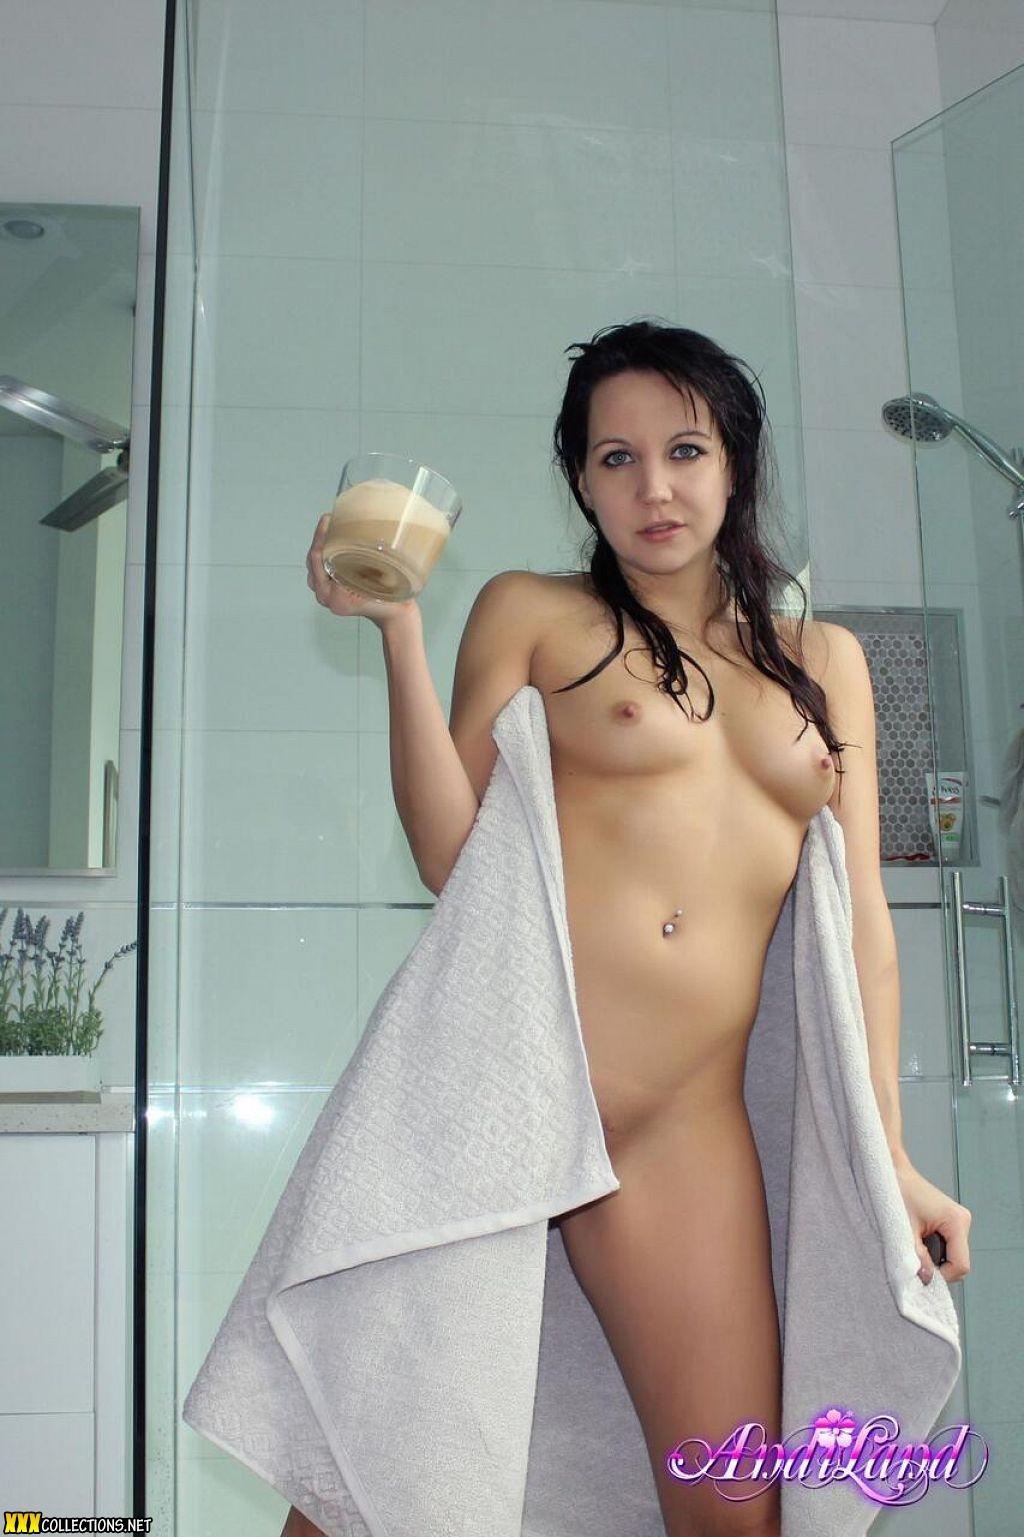 Land nude andi Andi